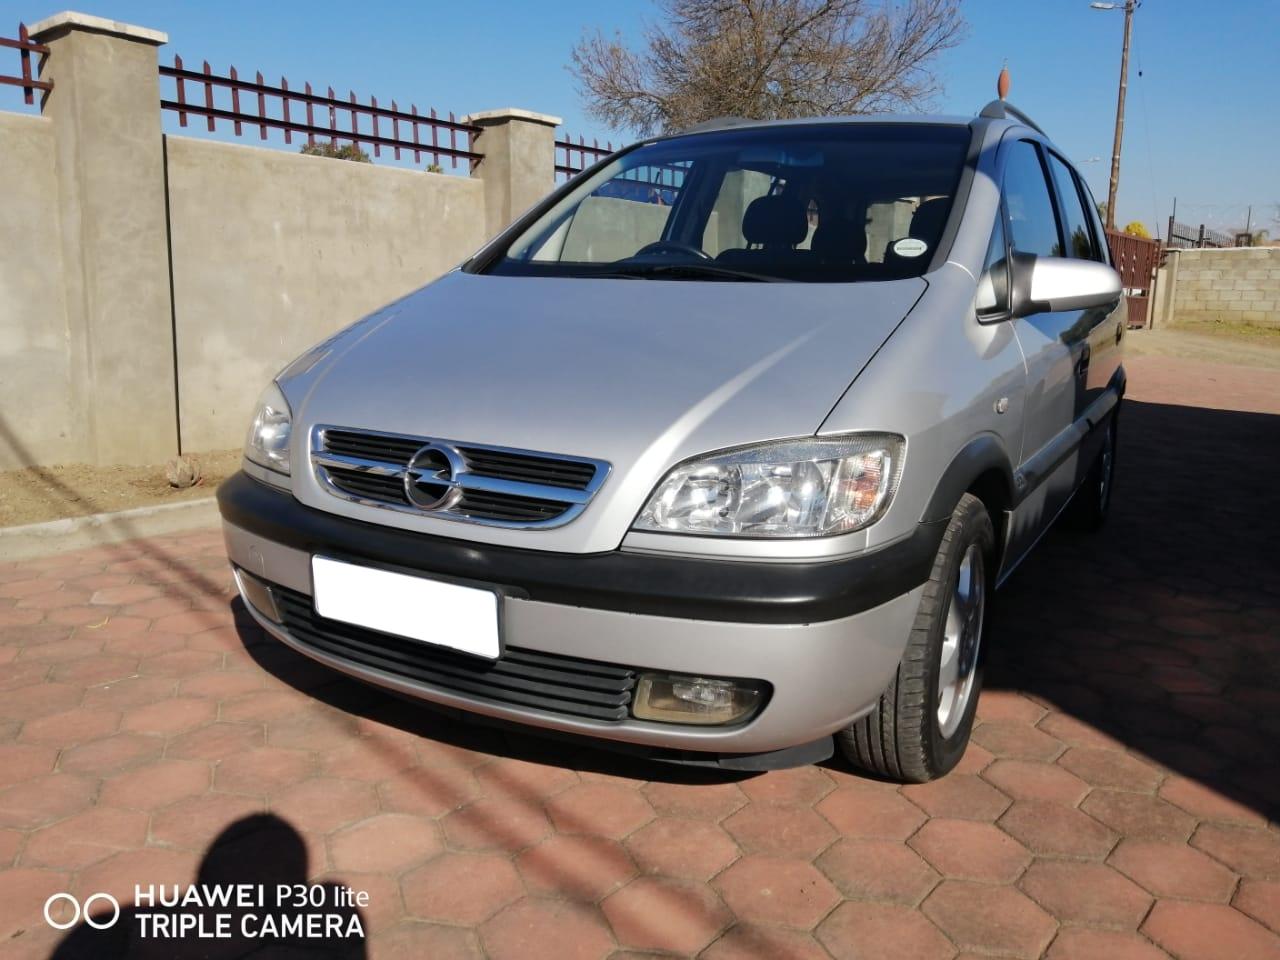 2004 Opel Zafira 1.8 Elegance